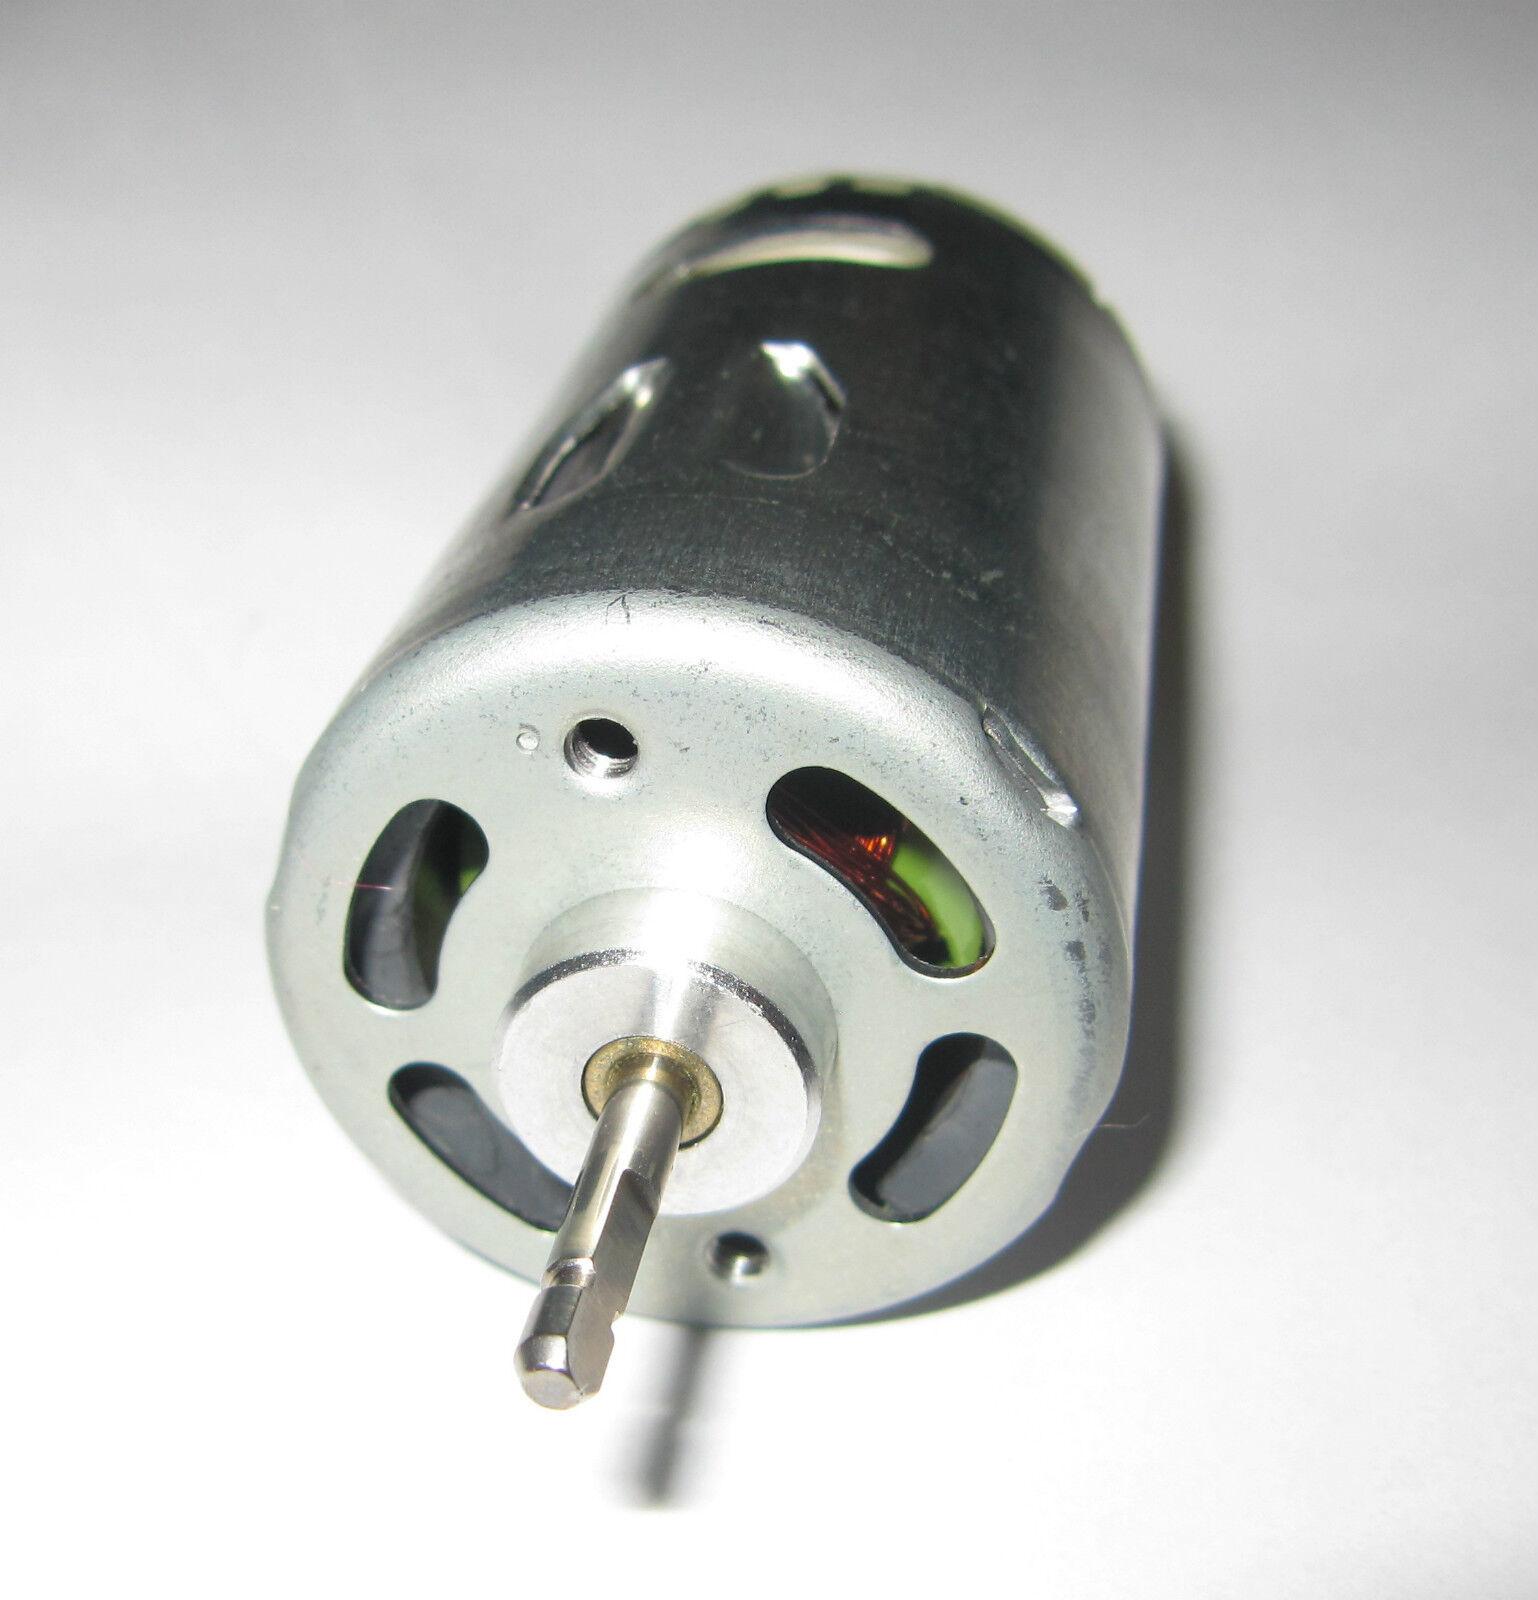 Mini dc motor generator 8600 rpm 12v hobby motor or for 12v wind turbine motor